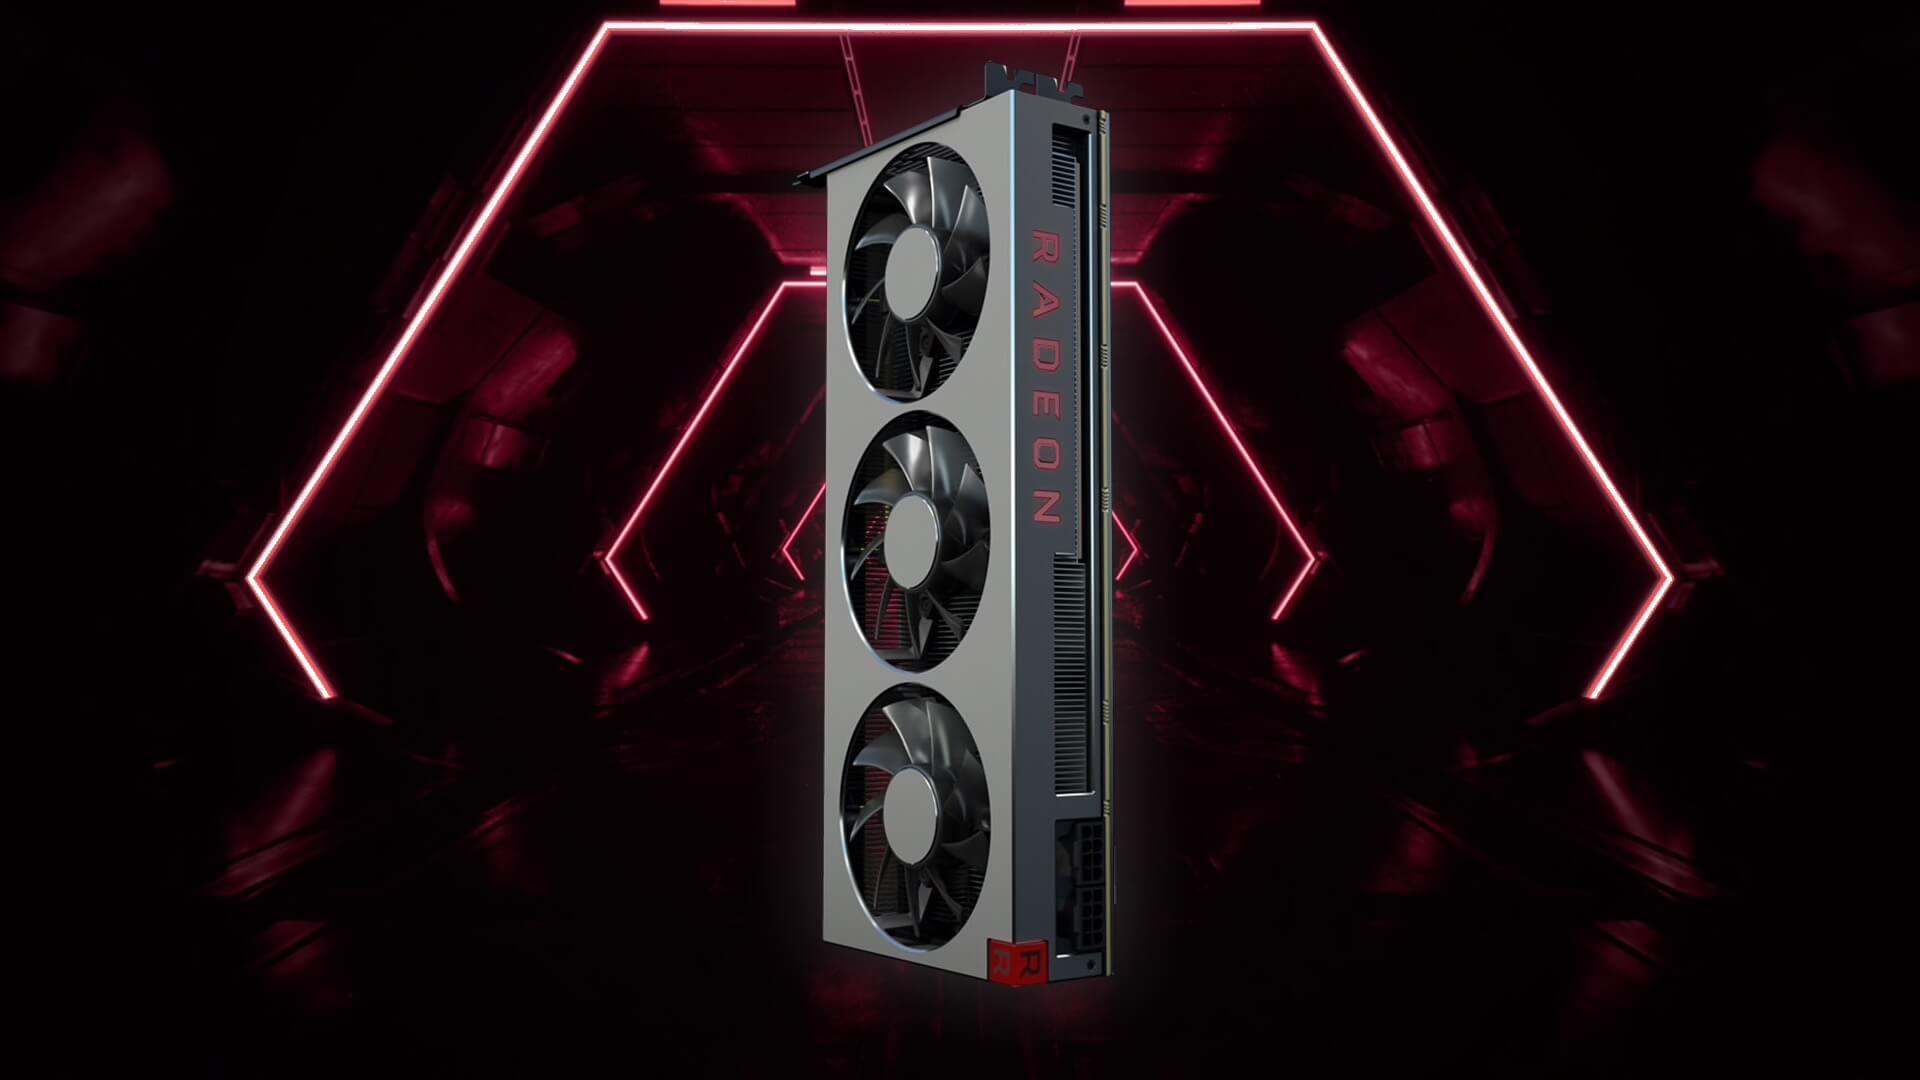 La AMD Radeon VII es capaz de mover juegos en 8K